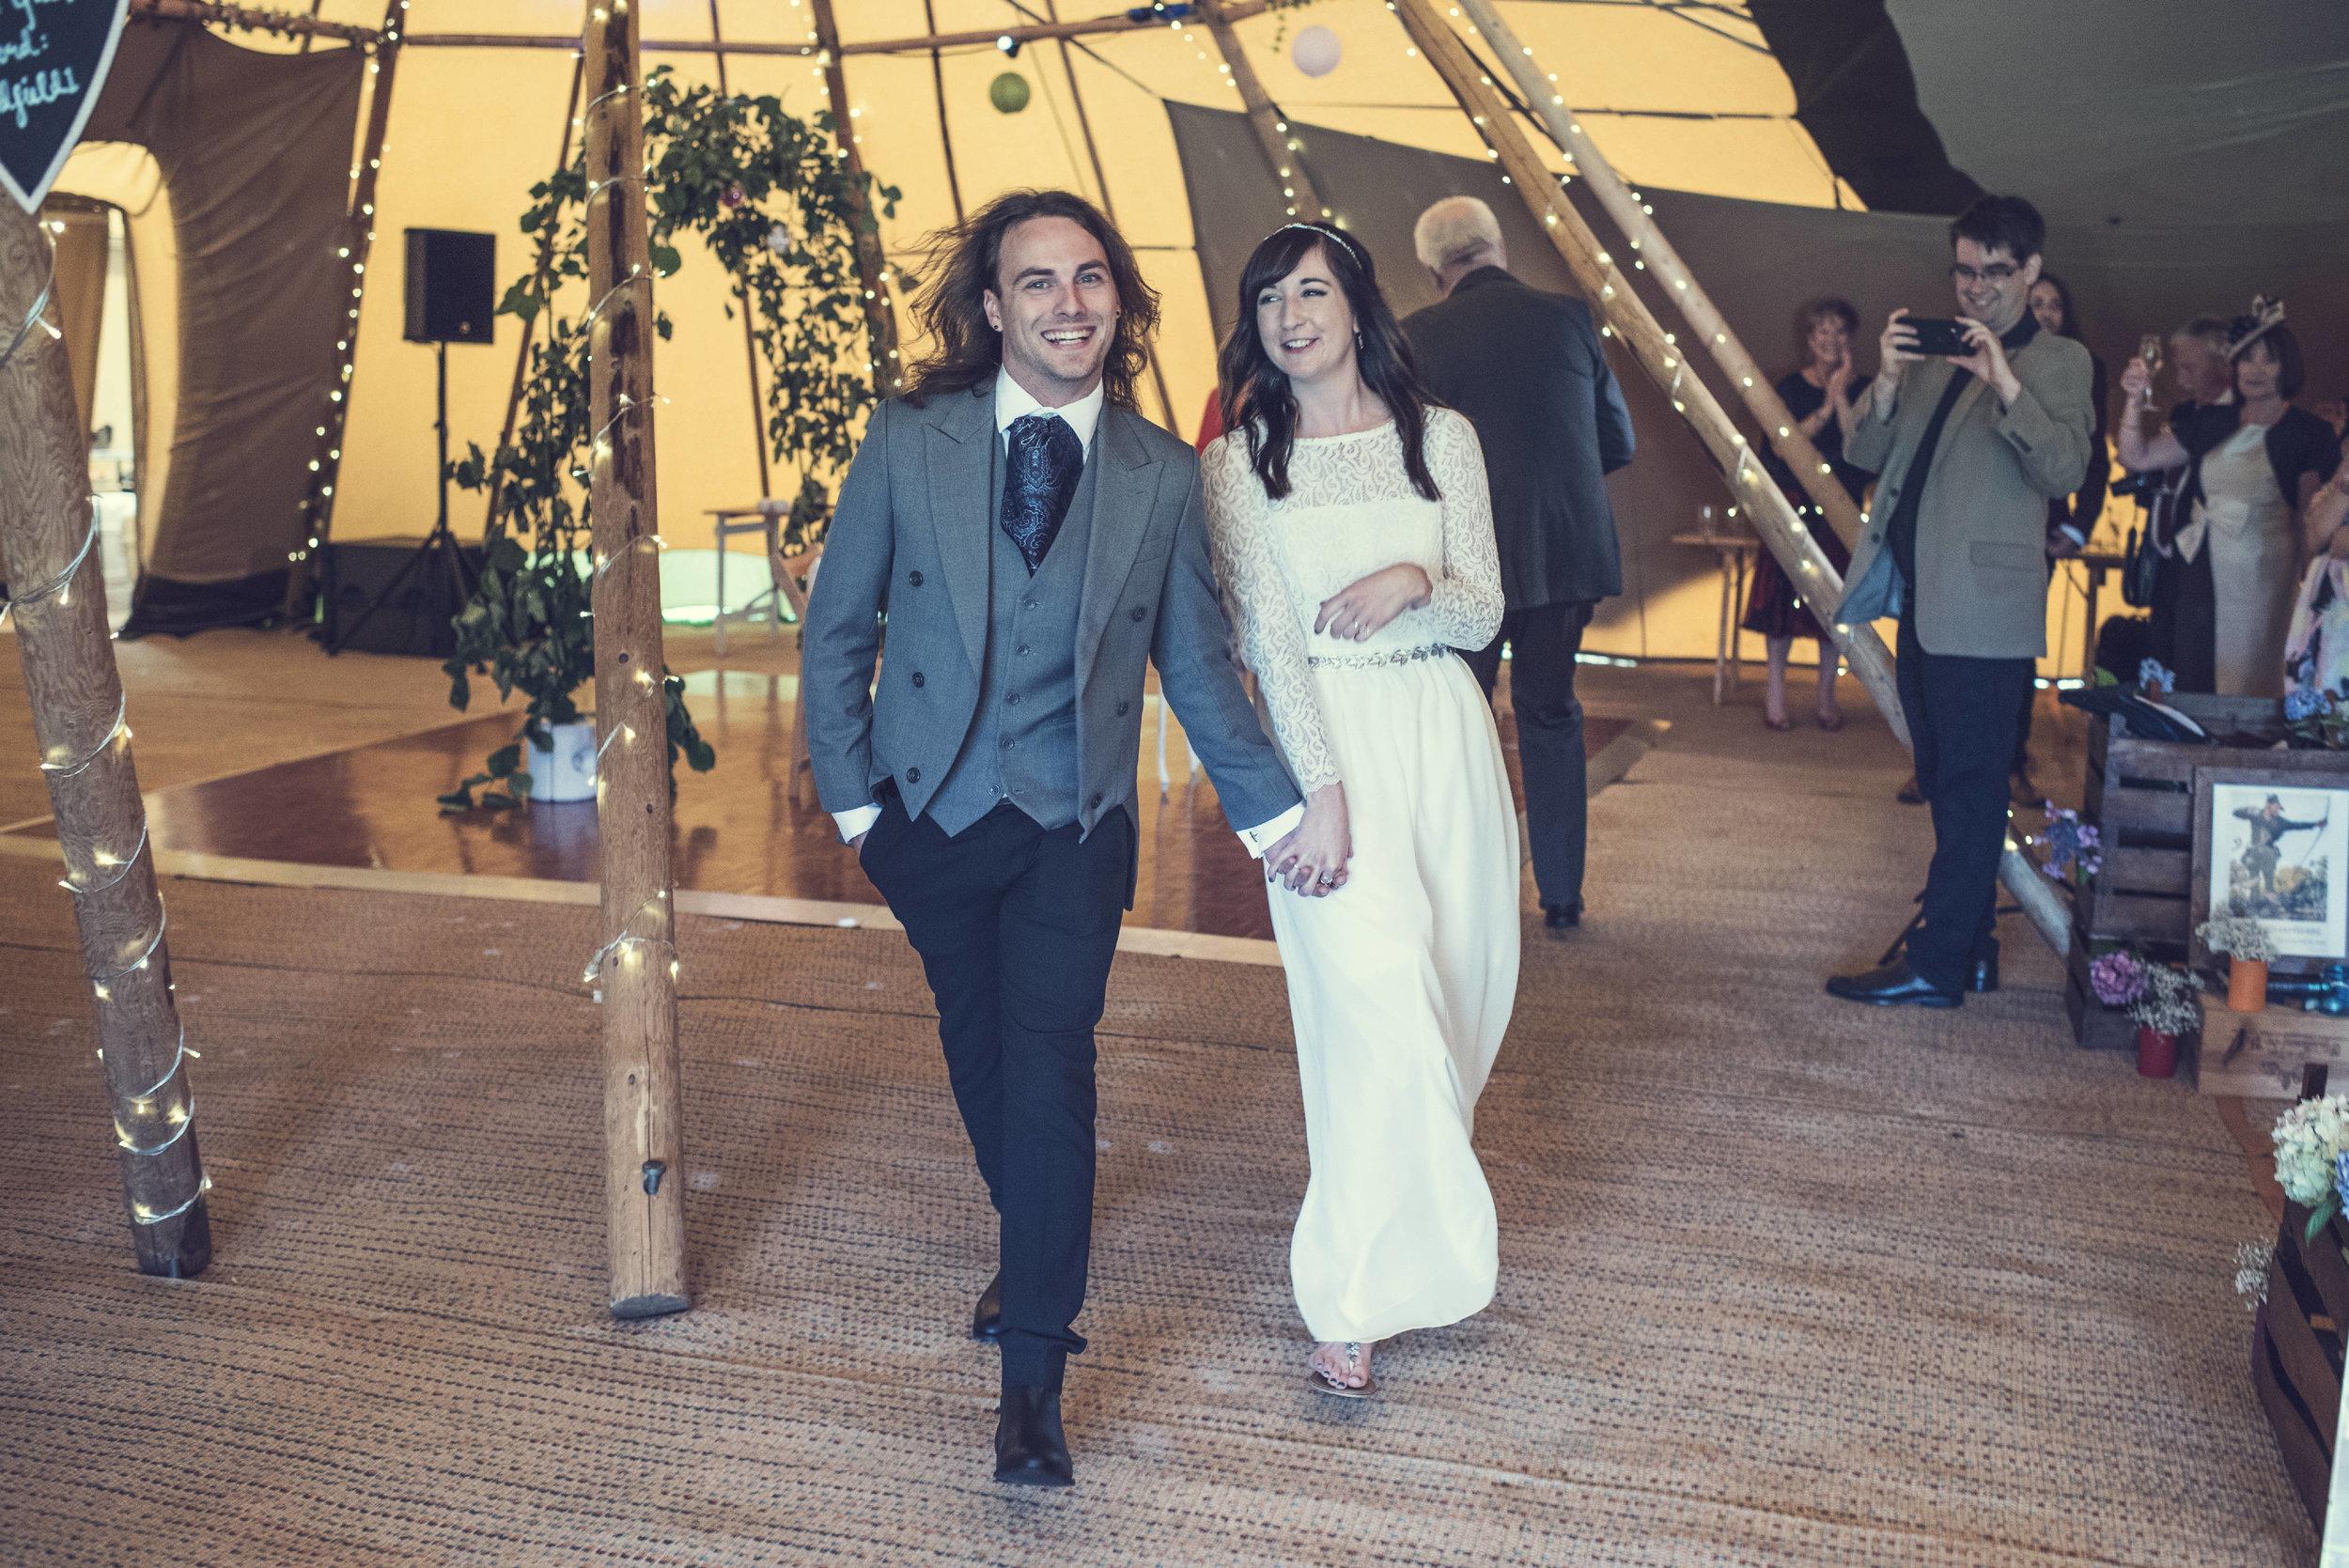 My Perfect Ceremony - Wedding Celebrant Testimonial - Adam & Victoria